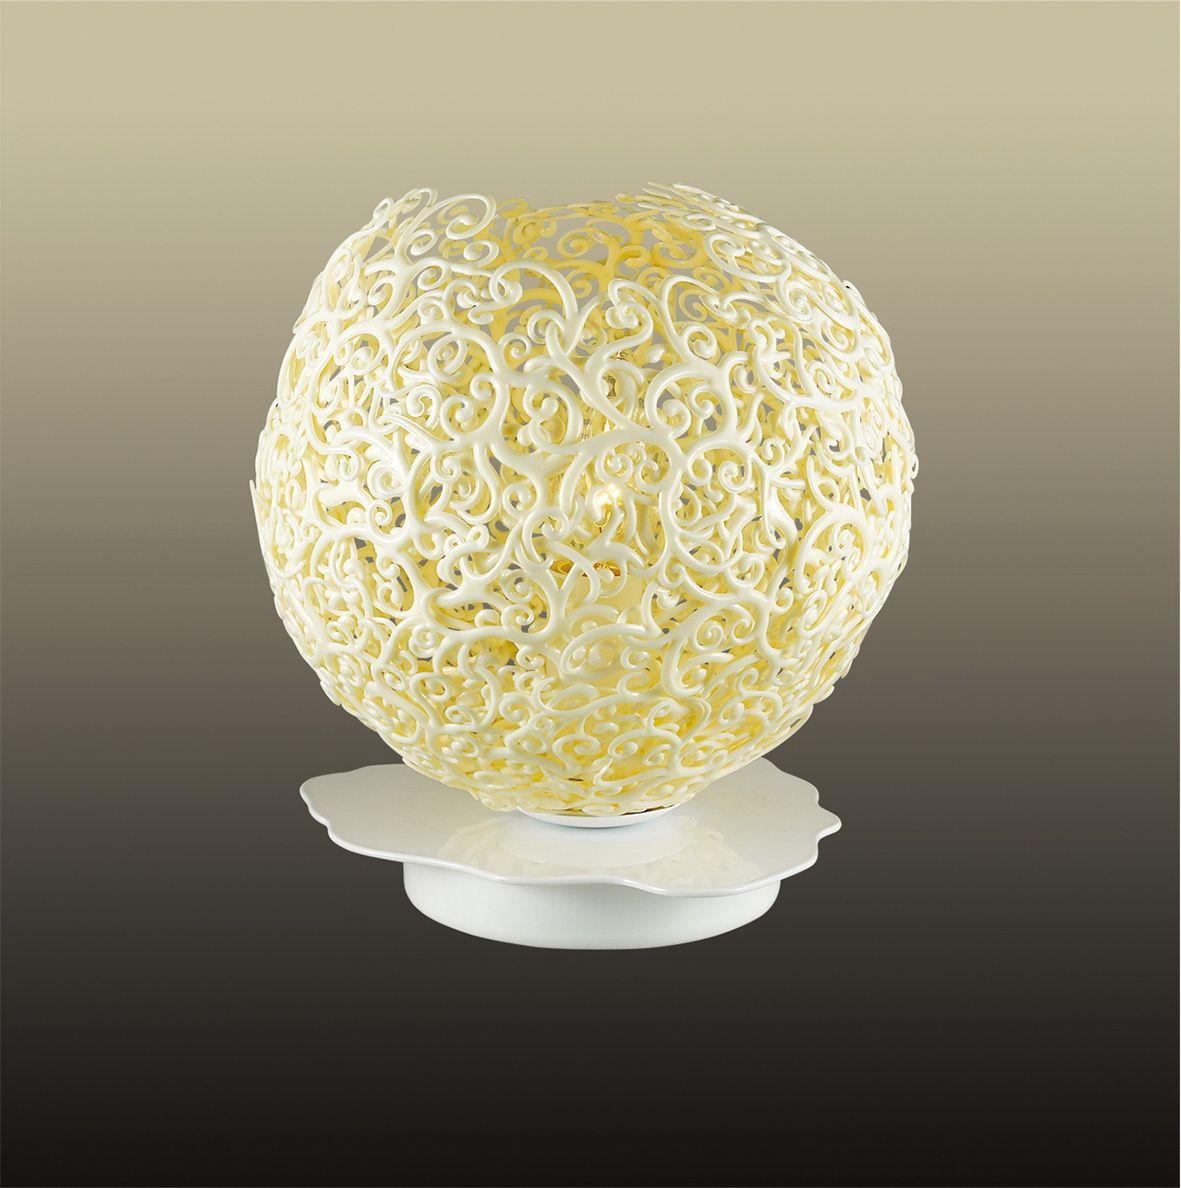 Лампа настольная Odeon Light Spuma, 1 х E14, 60W. 2891/1T2891/1T